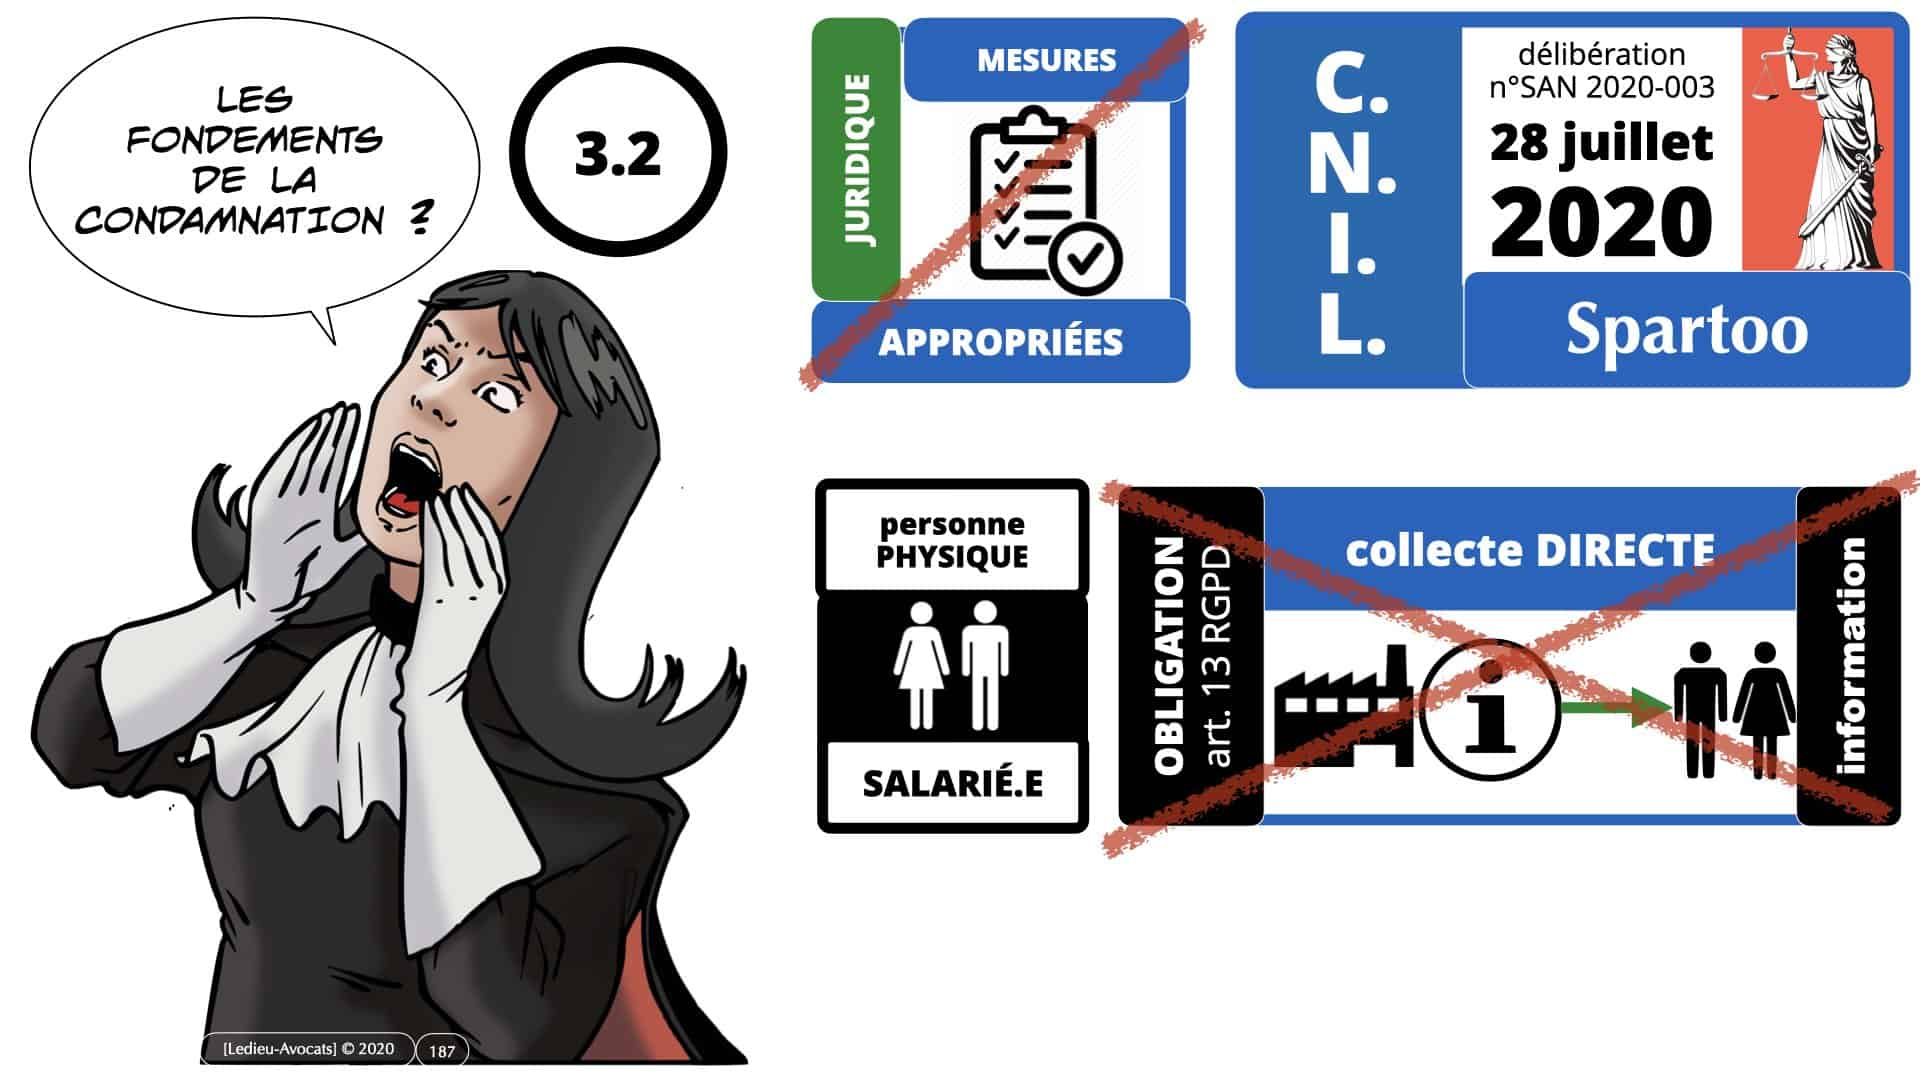 RGPD e-Privacy données personnelles jurisprudence formation Lamy Les Echos 10-02-2021 ©Ledieu-Avocats.187